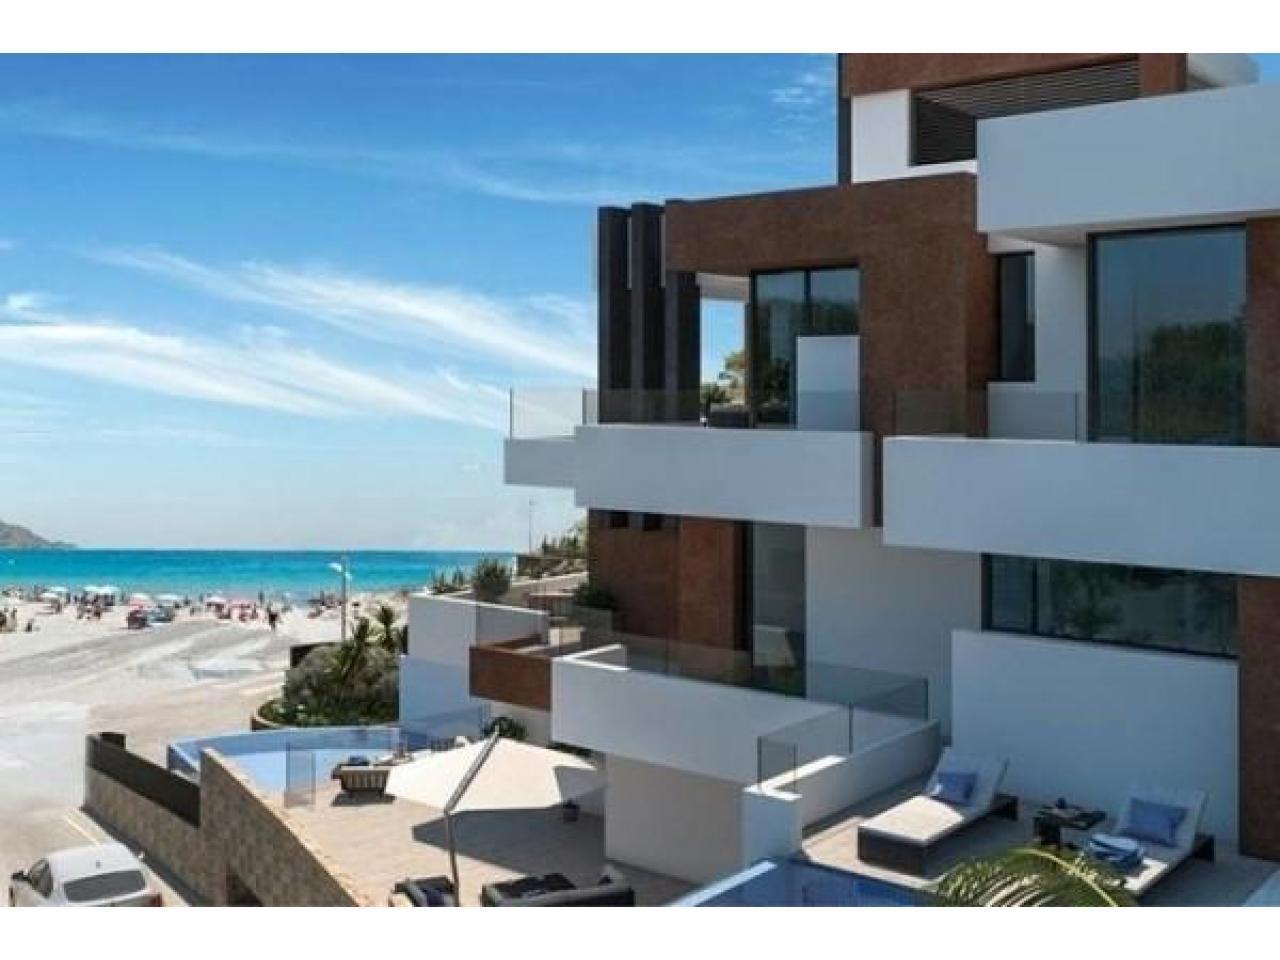 Недвижимость в Испании, Новые квартиры с видами на море от застройщика в Бенидорм - 1